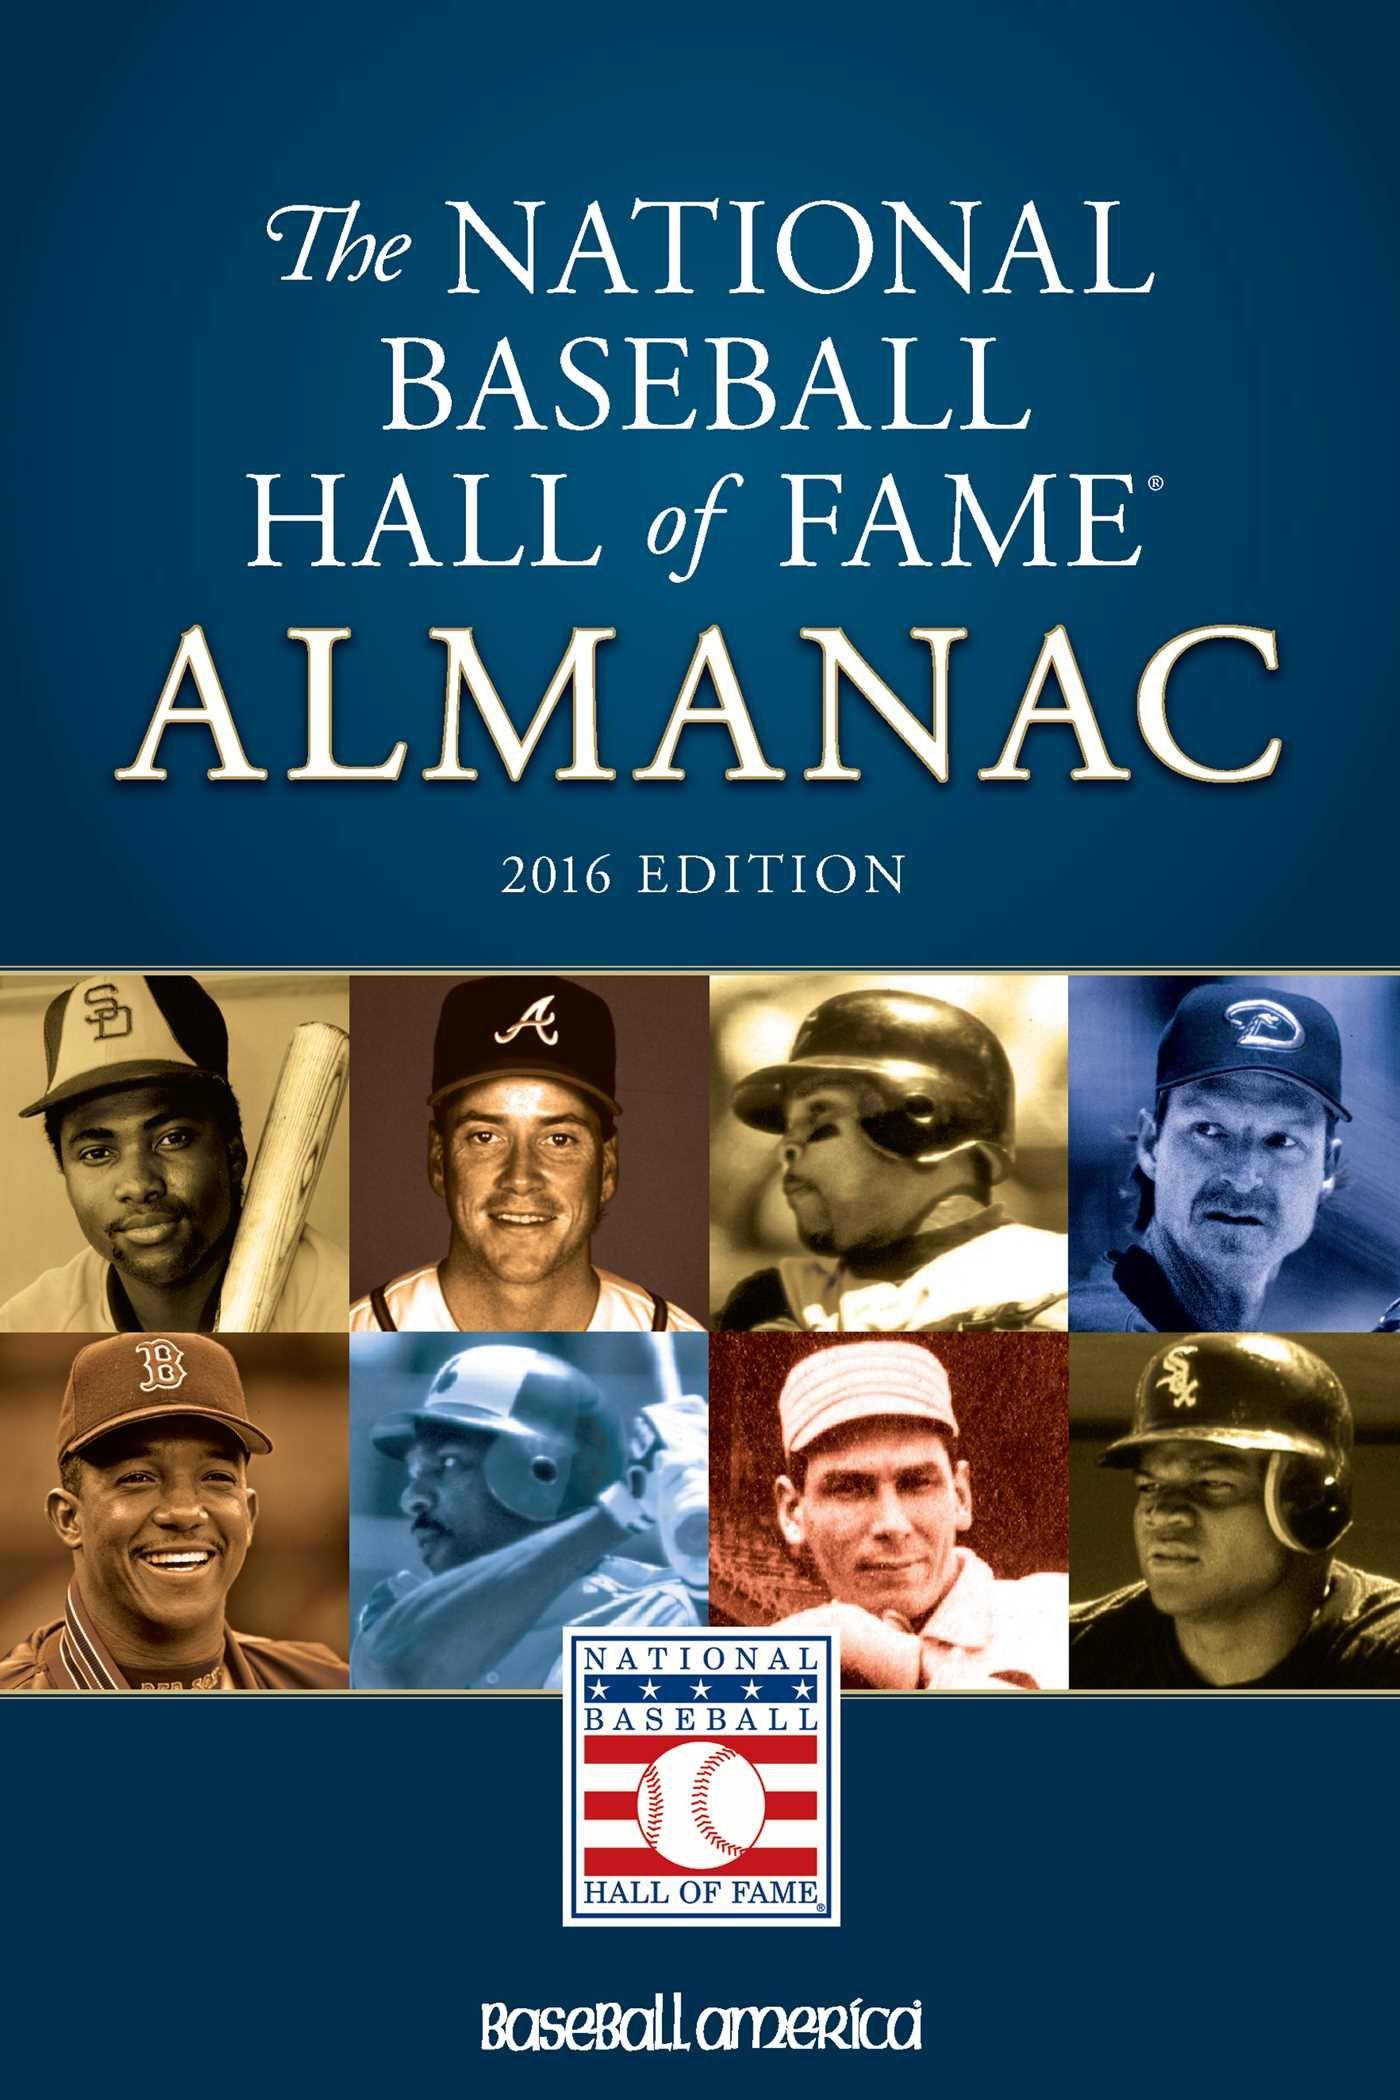 2016 National Baseball Hall Almanac product image